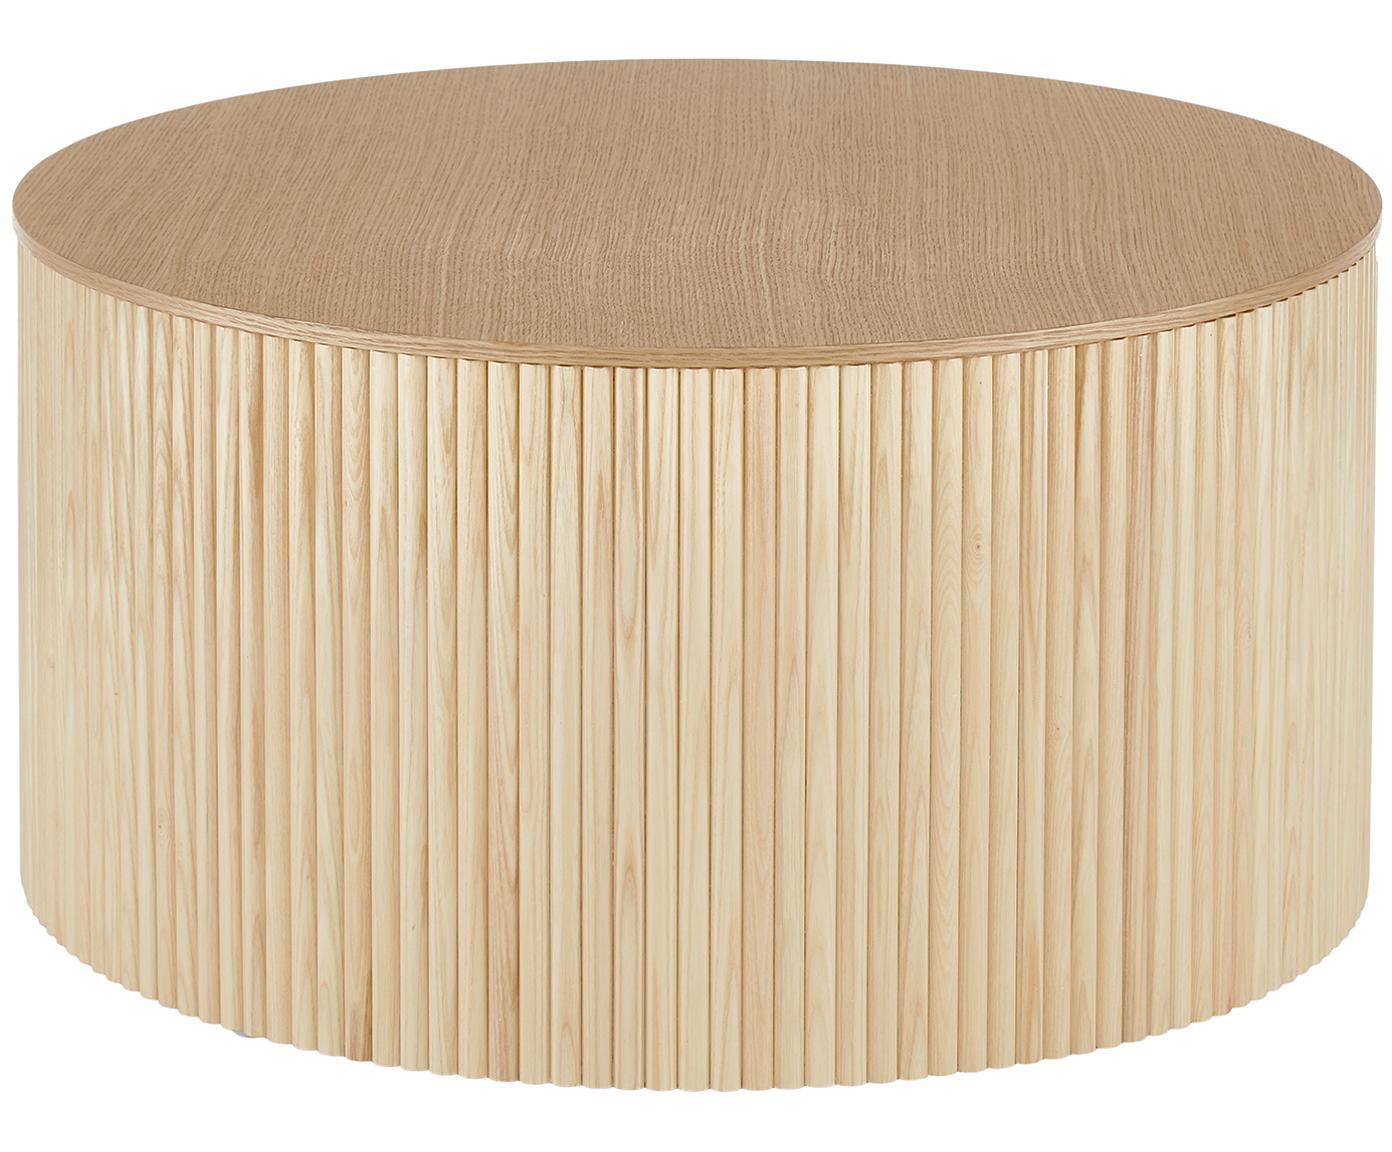 Salontafel Nele met opbergruimte, MDF met essenhoutfineer, Essenhoutfineer, Ø 70 x H 36 cm